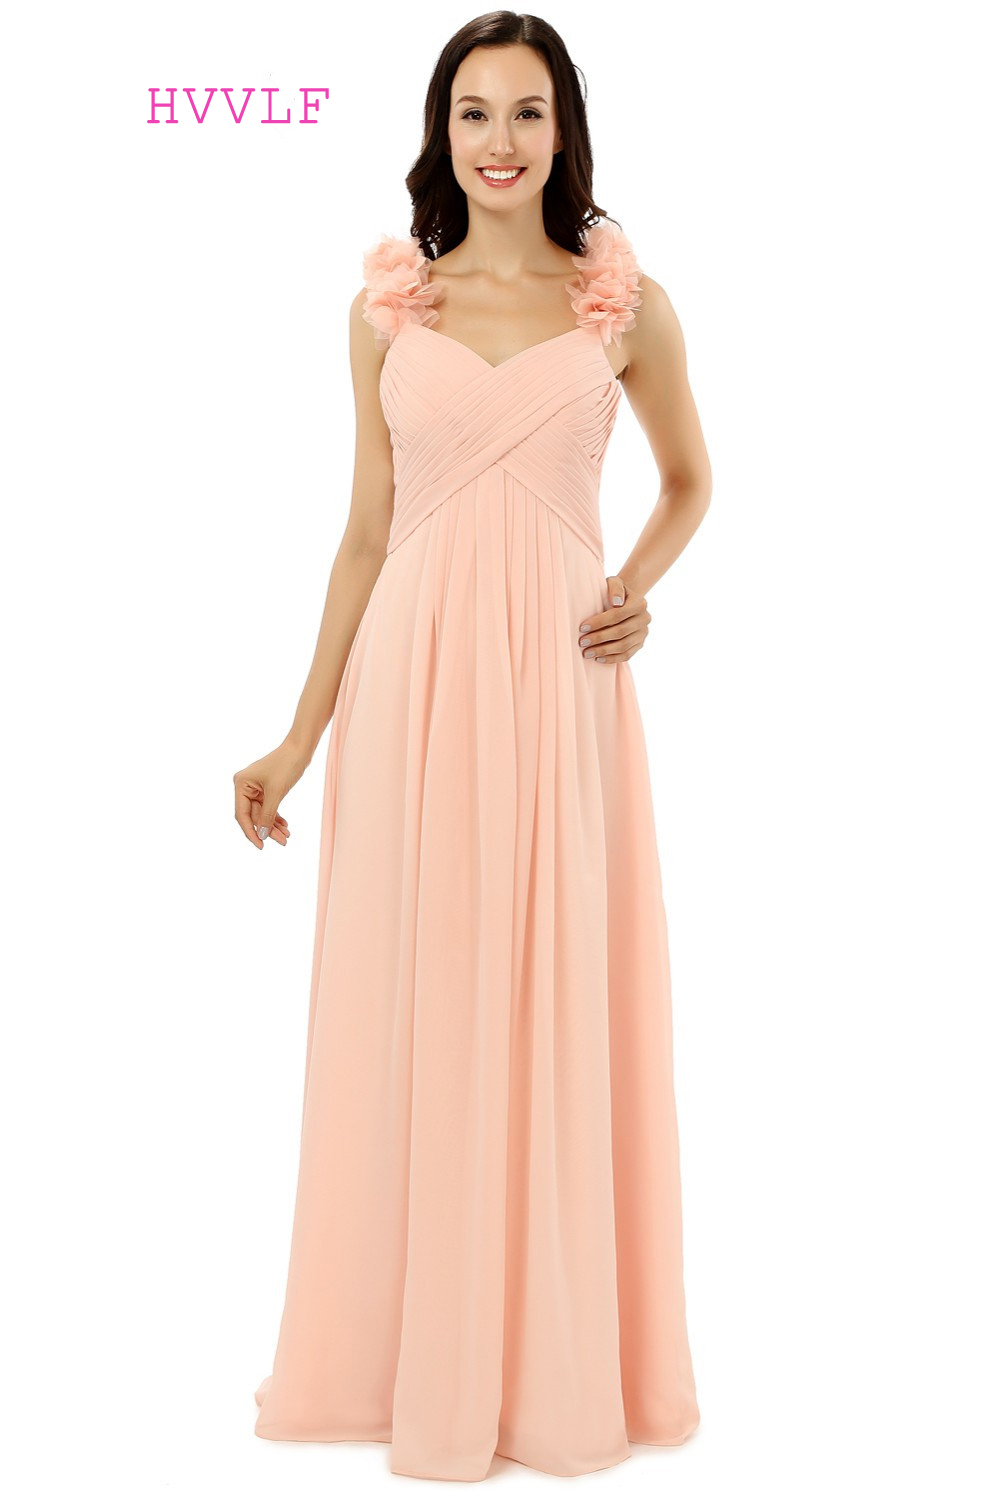 Peach 2018 Cheap Bridesmaid Dresses Under 50 A-line Spaghetti Straps ...